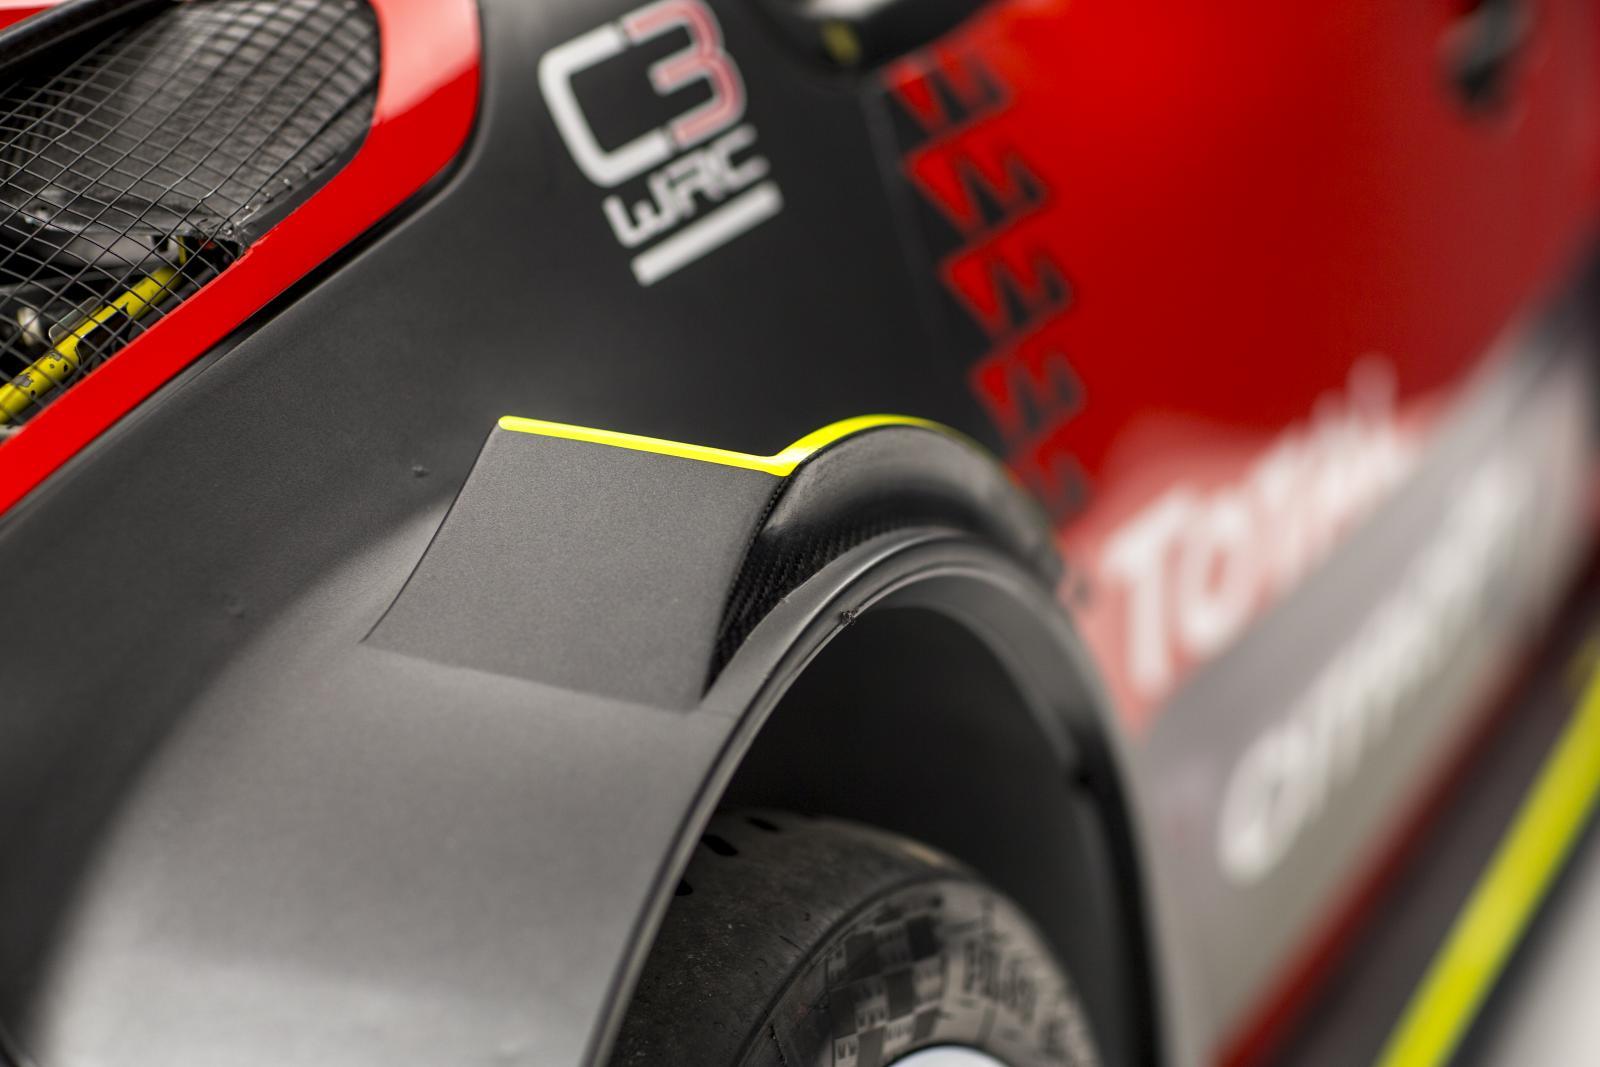 C3 WRC - ruota anteriore